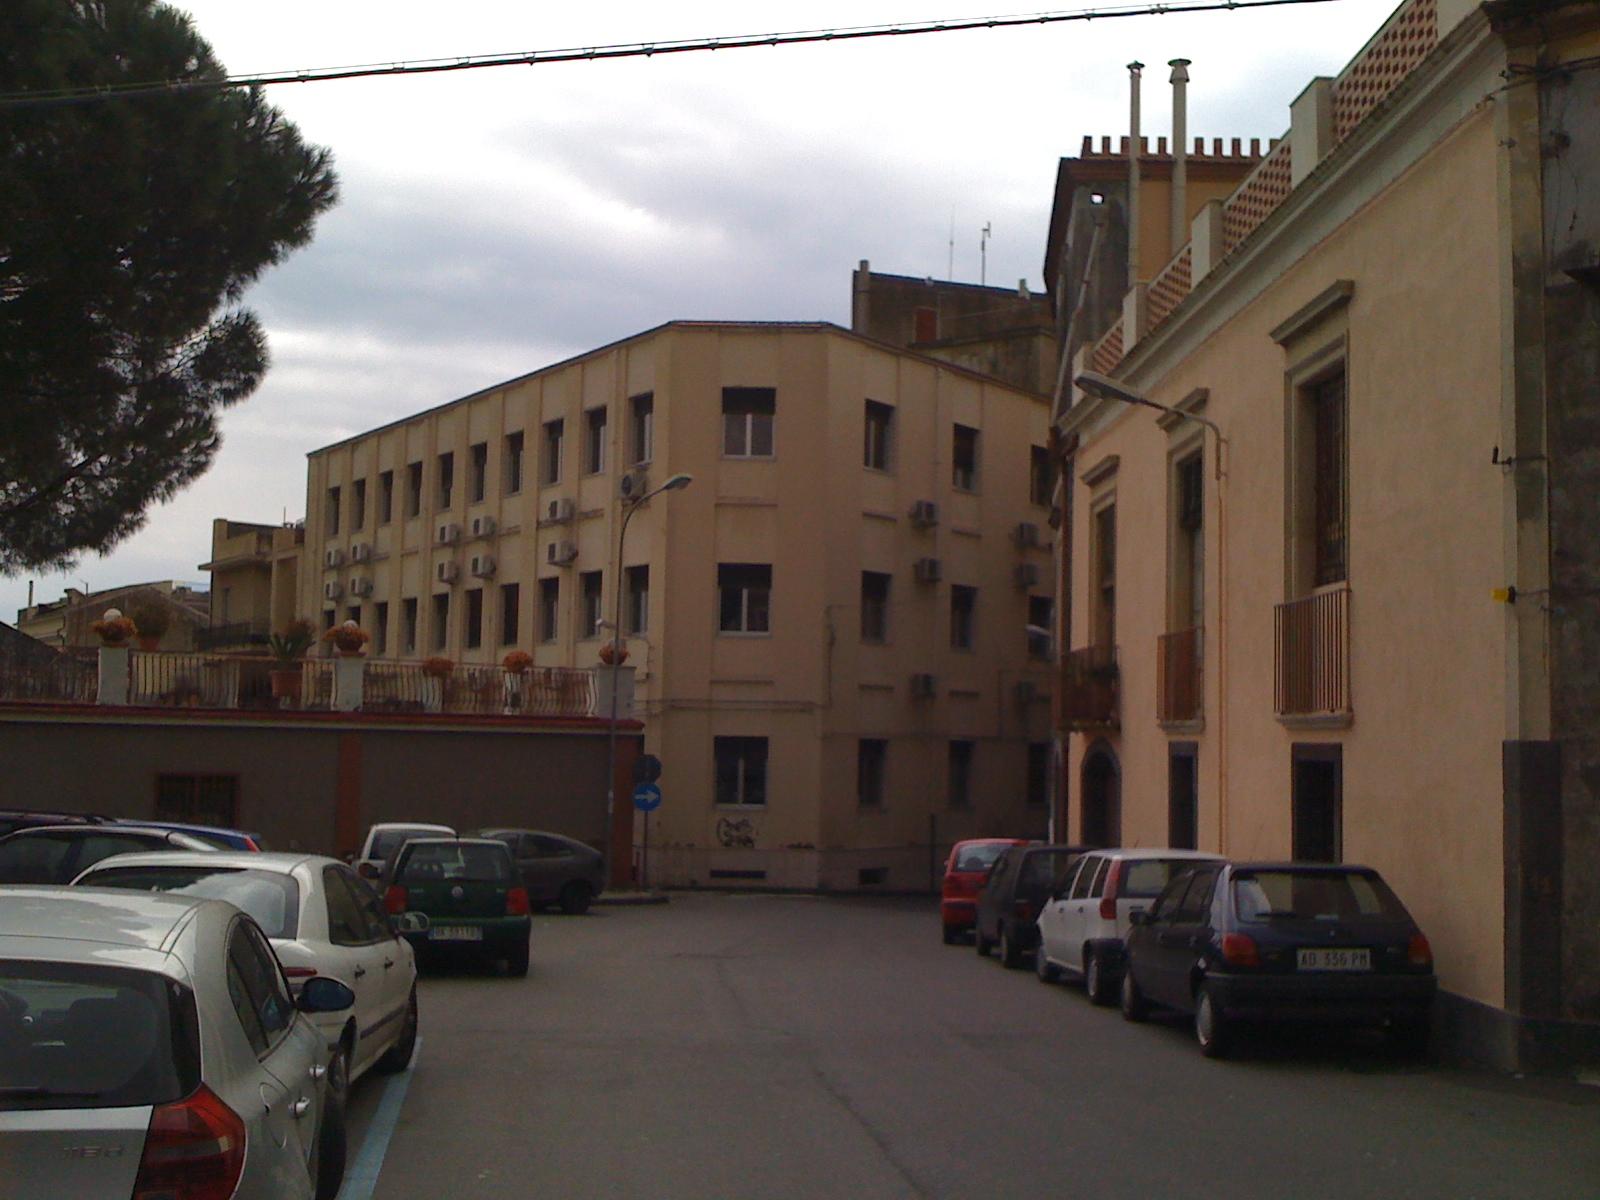 Giarre, Piani di Lottizzazione: Ufficio Ispettivo della Regione chiede documenti